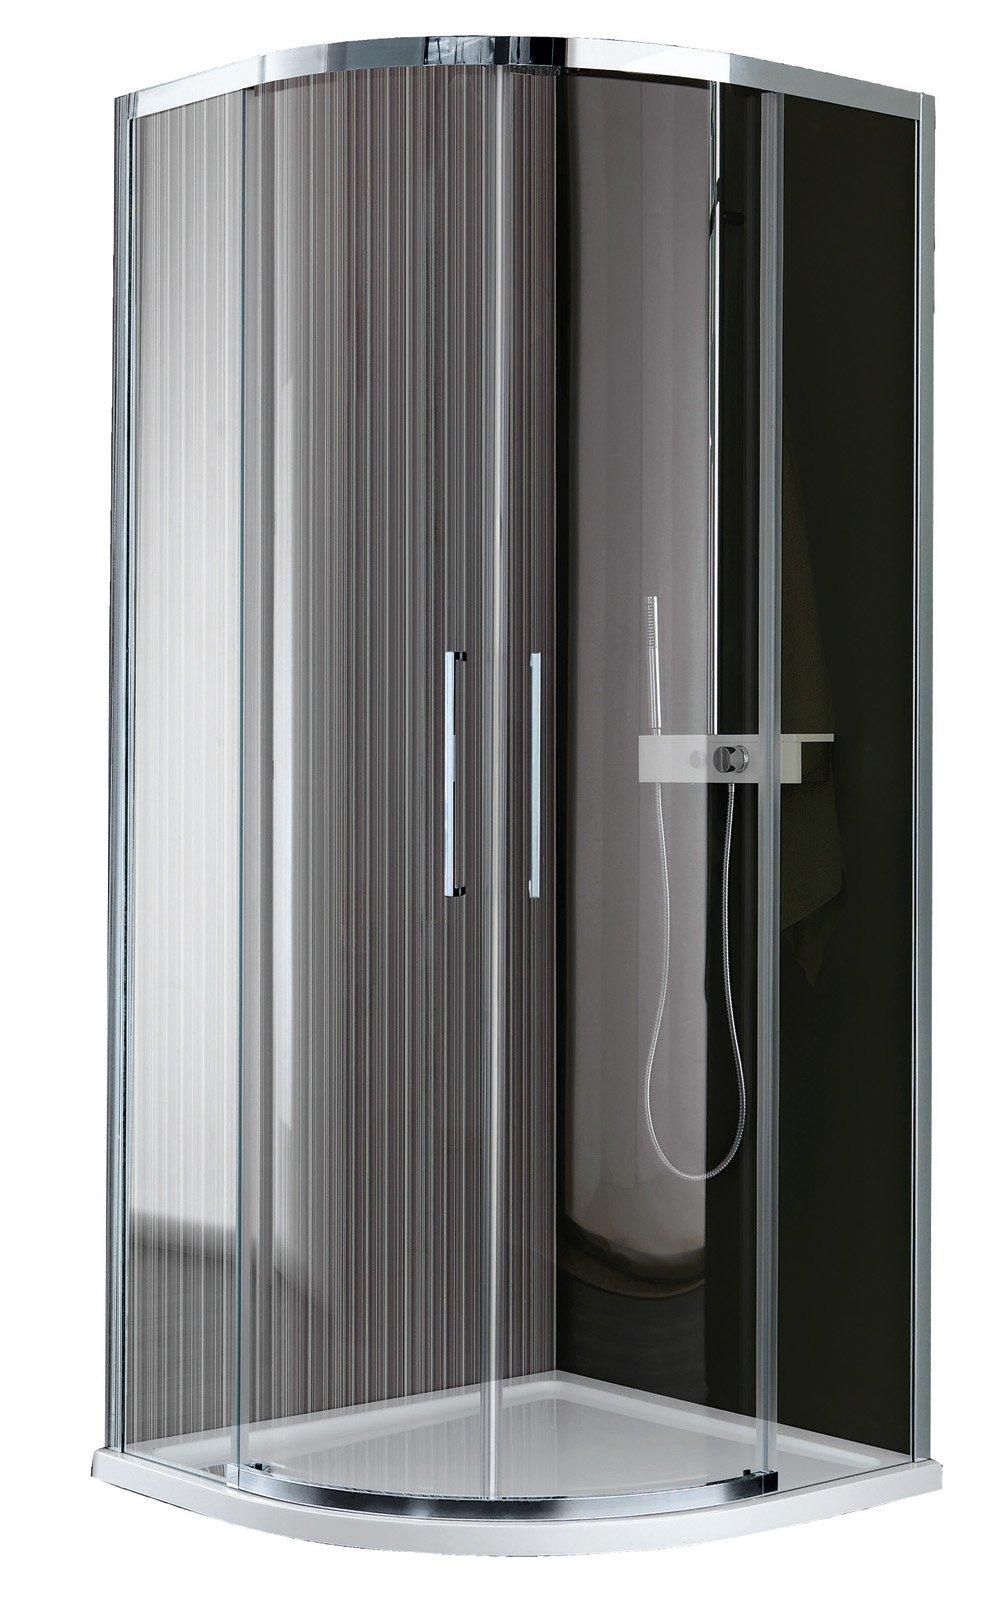 soluzioni per il bagno piccolo - cose di casa - Immagini Bagni Piccoli Moderni